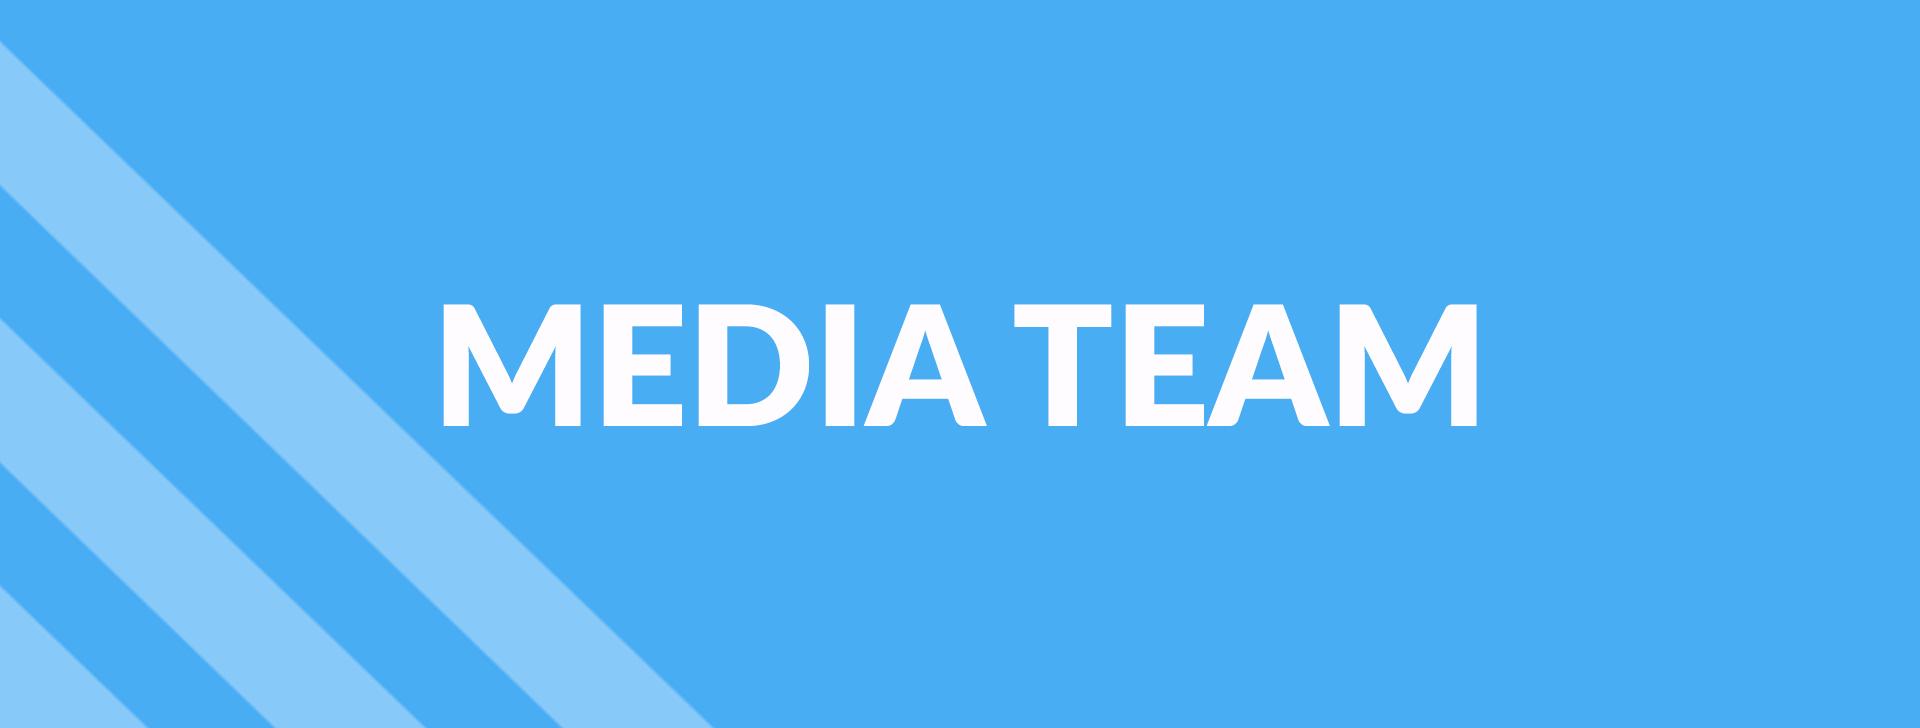 media_team_banner